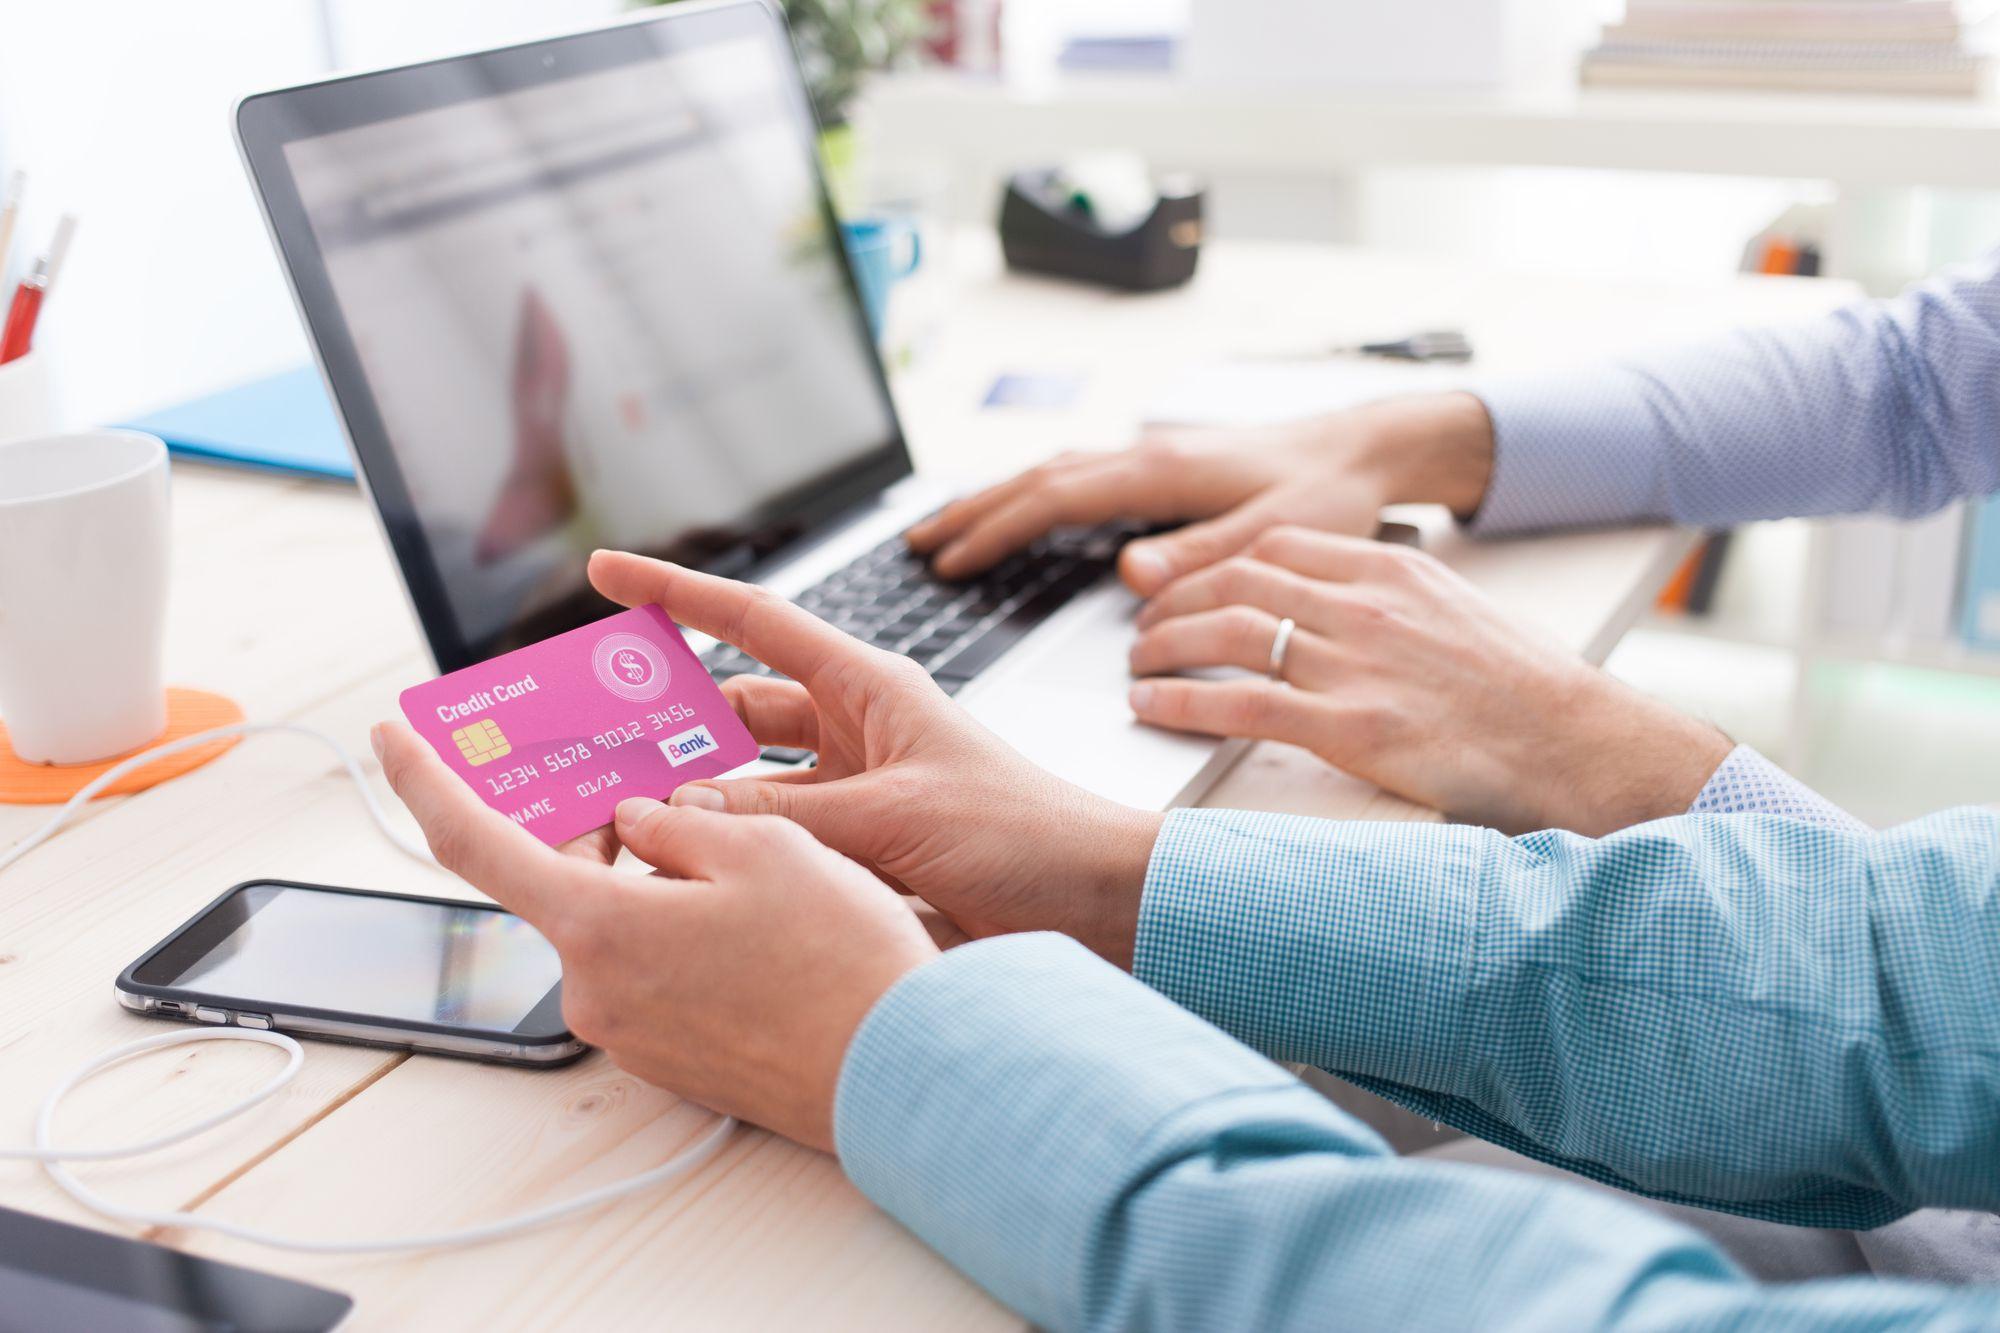 Confira quais os principais métodos de pagamento digitais usados